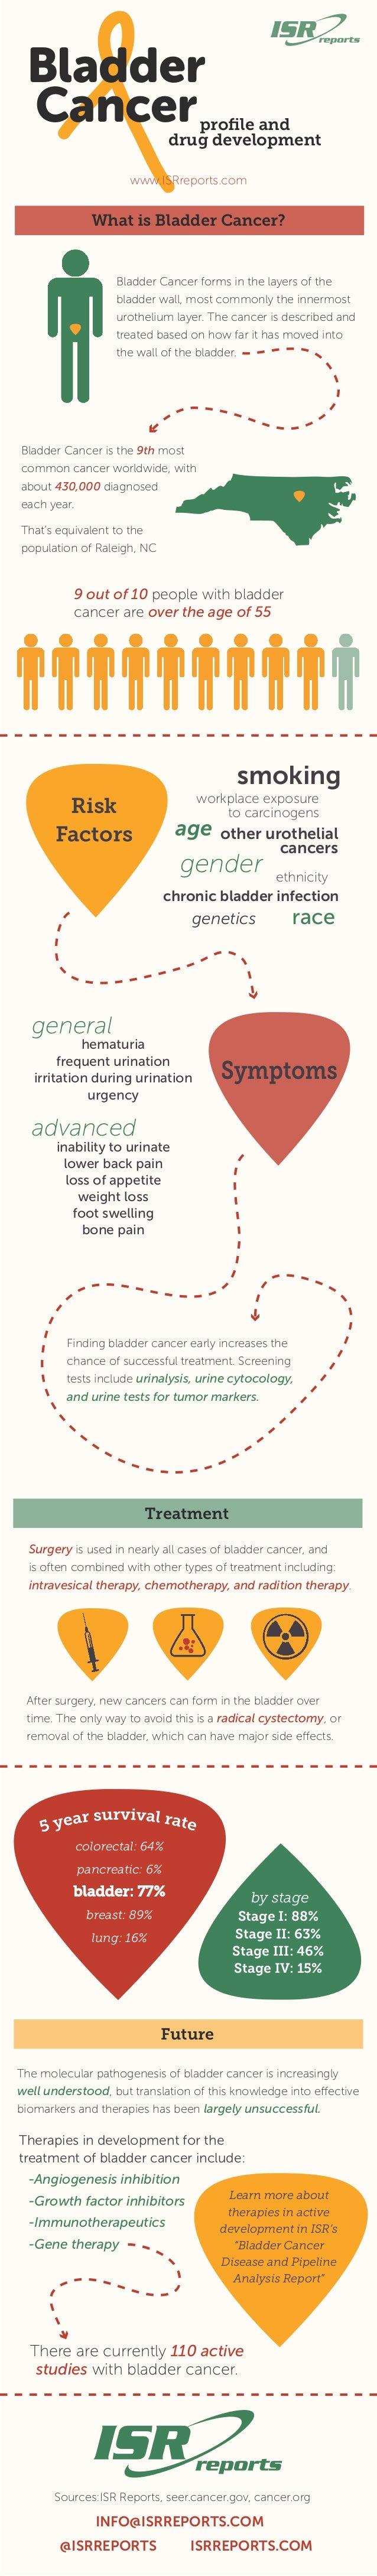 Bladder Cancer: profile and drug development